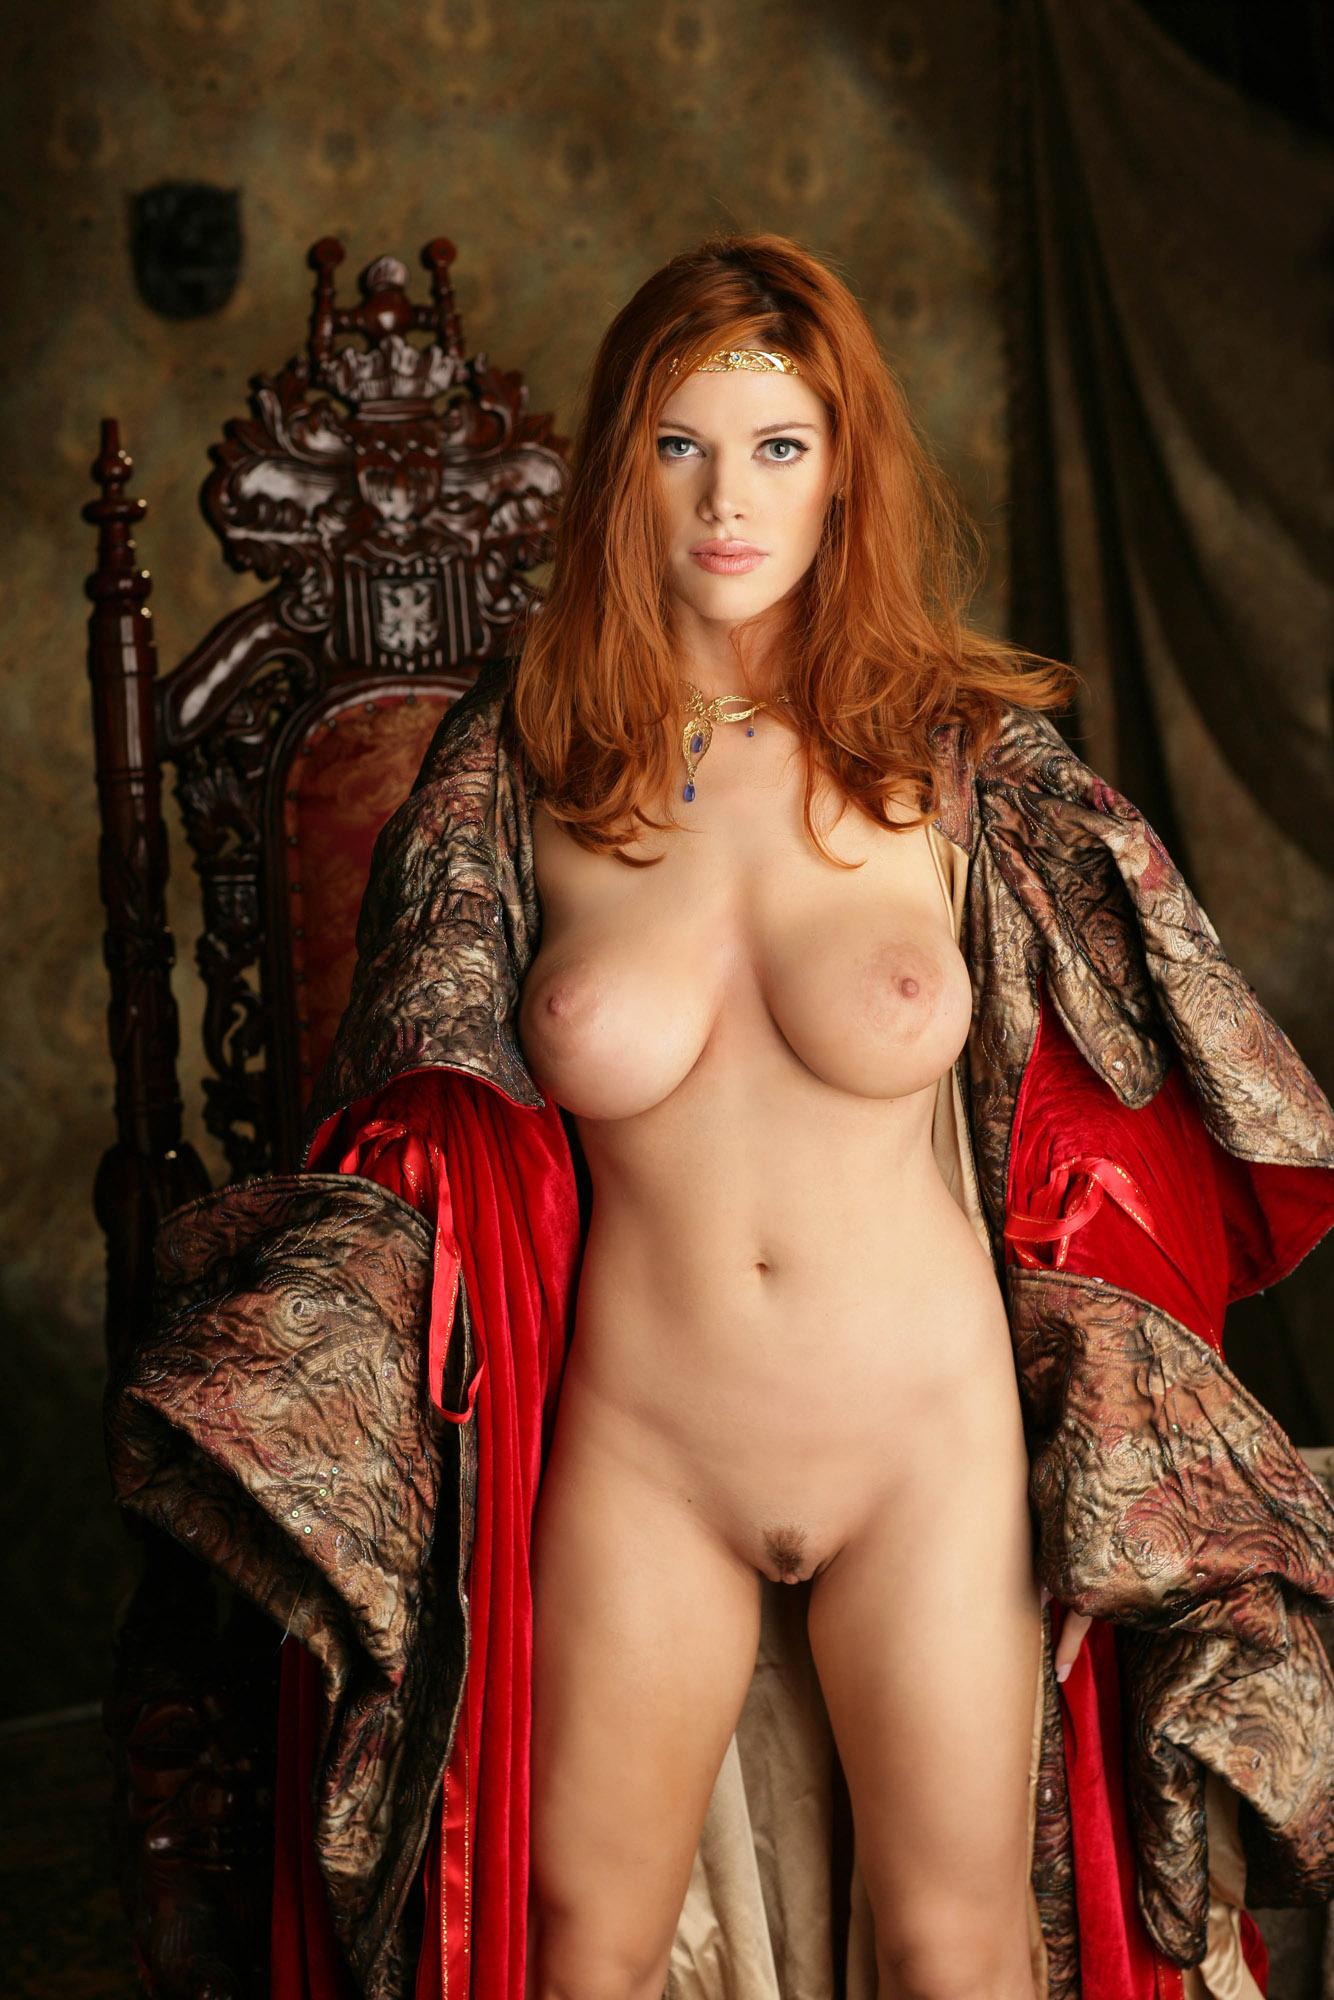 veri sexy aunty nude